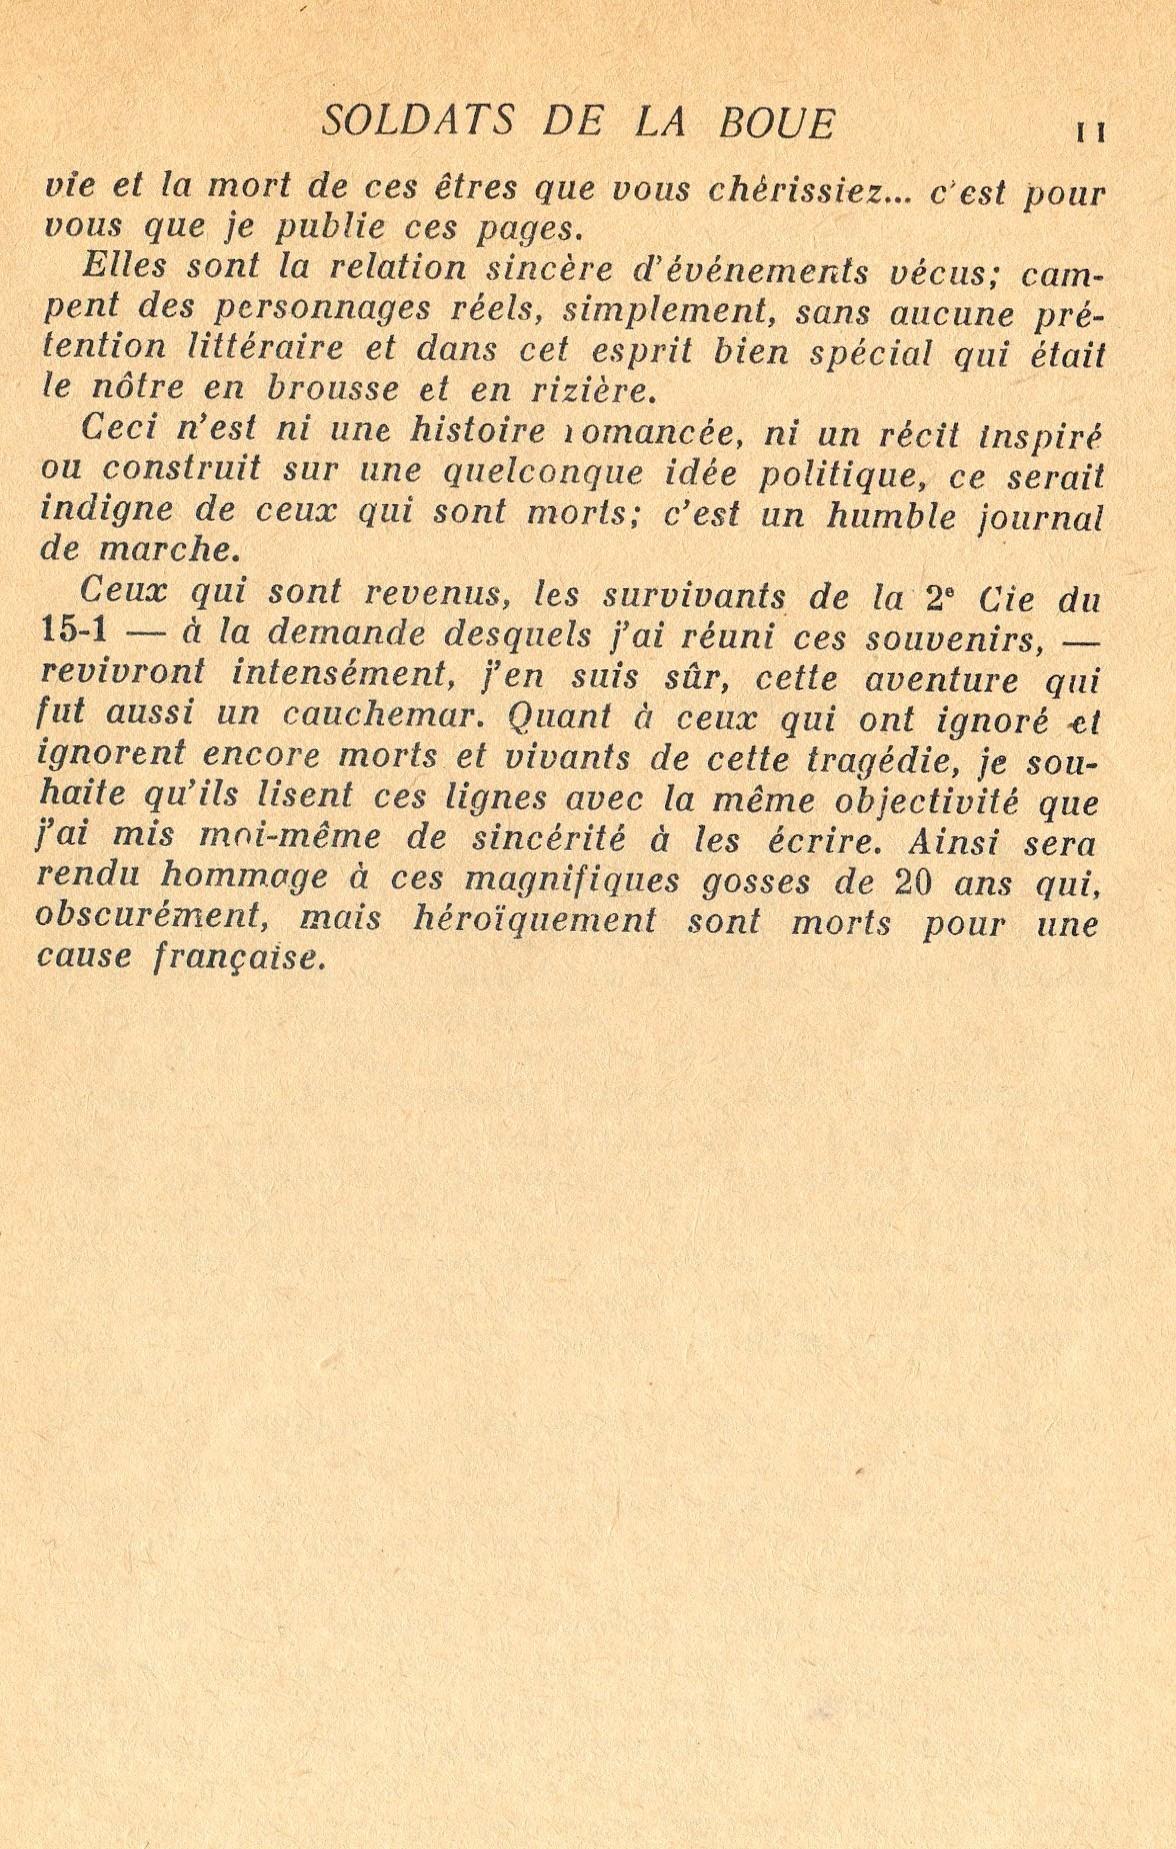 SOLDATS DE LA BOUE 0WWt7E